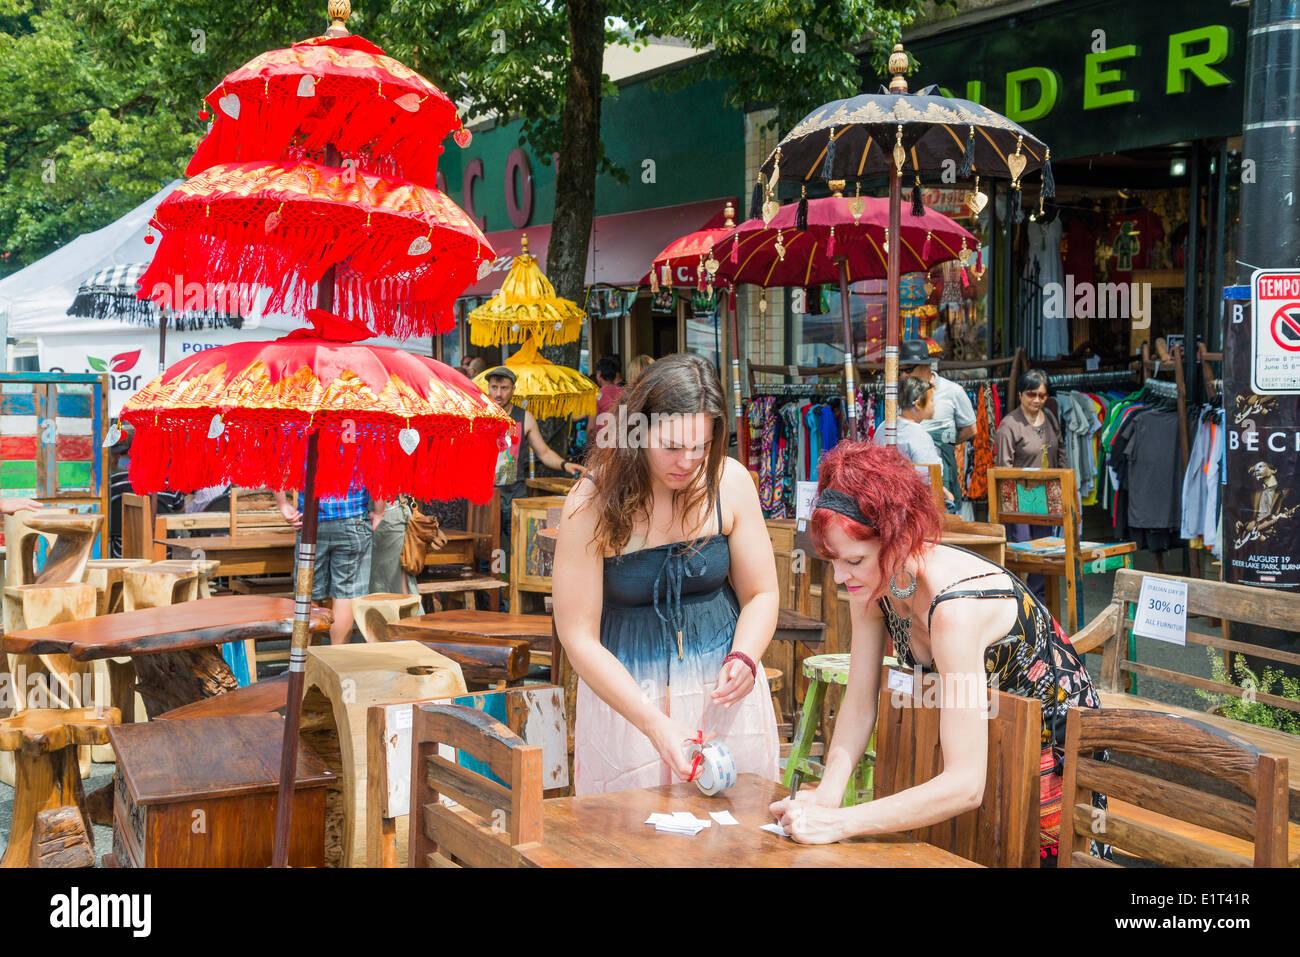 Mobili da esterno e parasol marciapiede vendita, Unità commerciale, Vancouver, British Columbia, Canada Immagini Stock